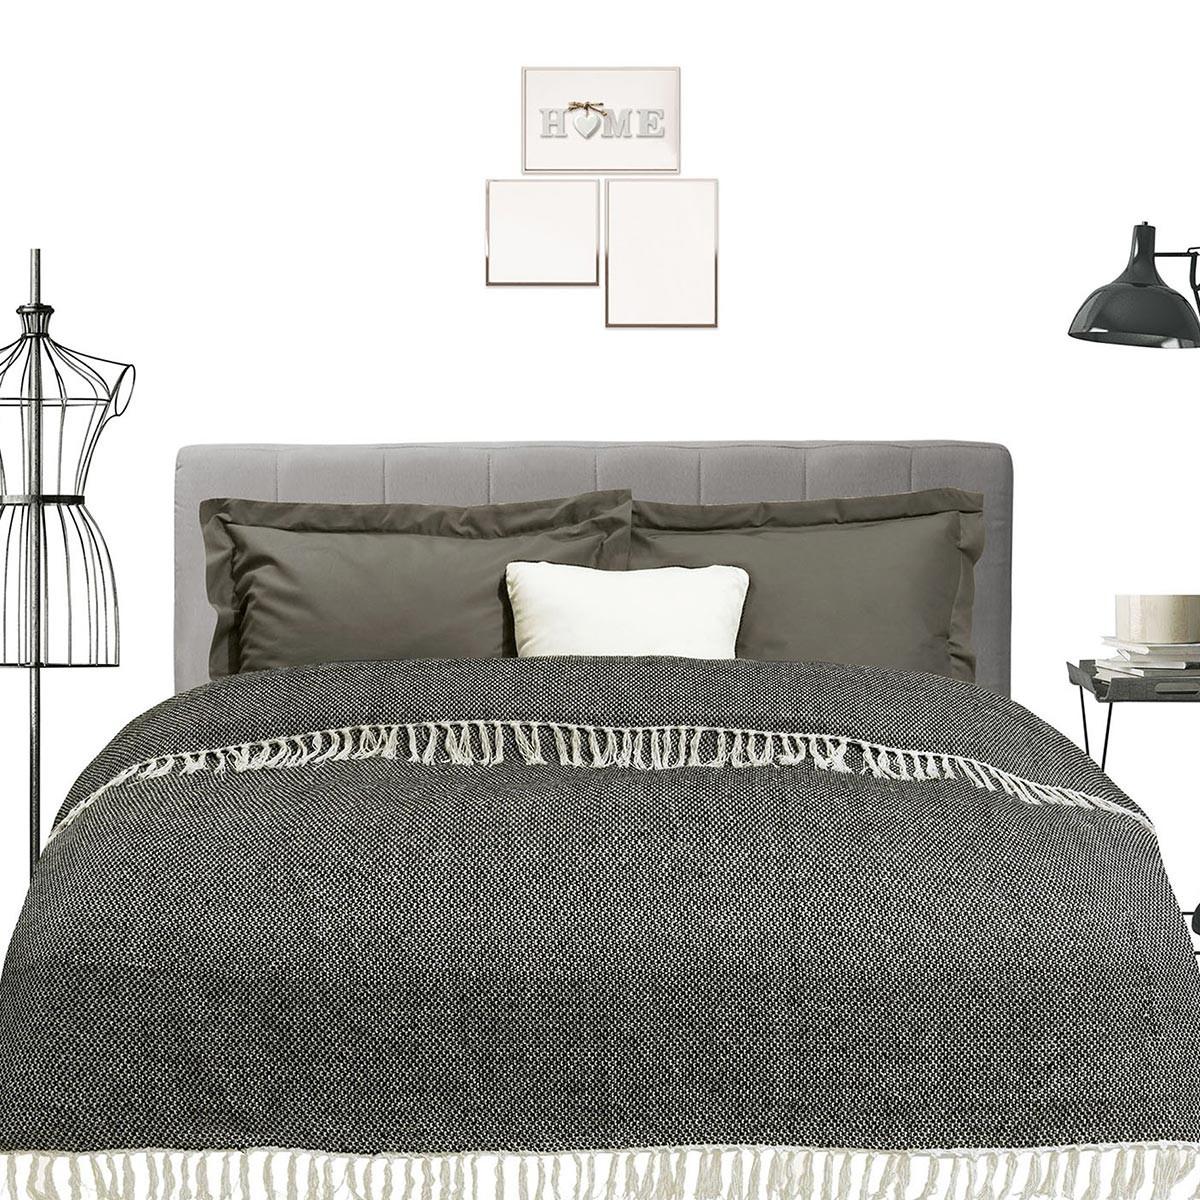 Κουβερτόριο Υπέρδιπλο Das Home Blanket Line Jacquard 388 home   κρεβατοκάμαρα   κουβέρτες   κουβέρτες καλοκαιρινές υπέρδιπλες